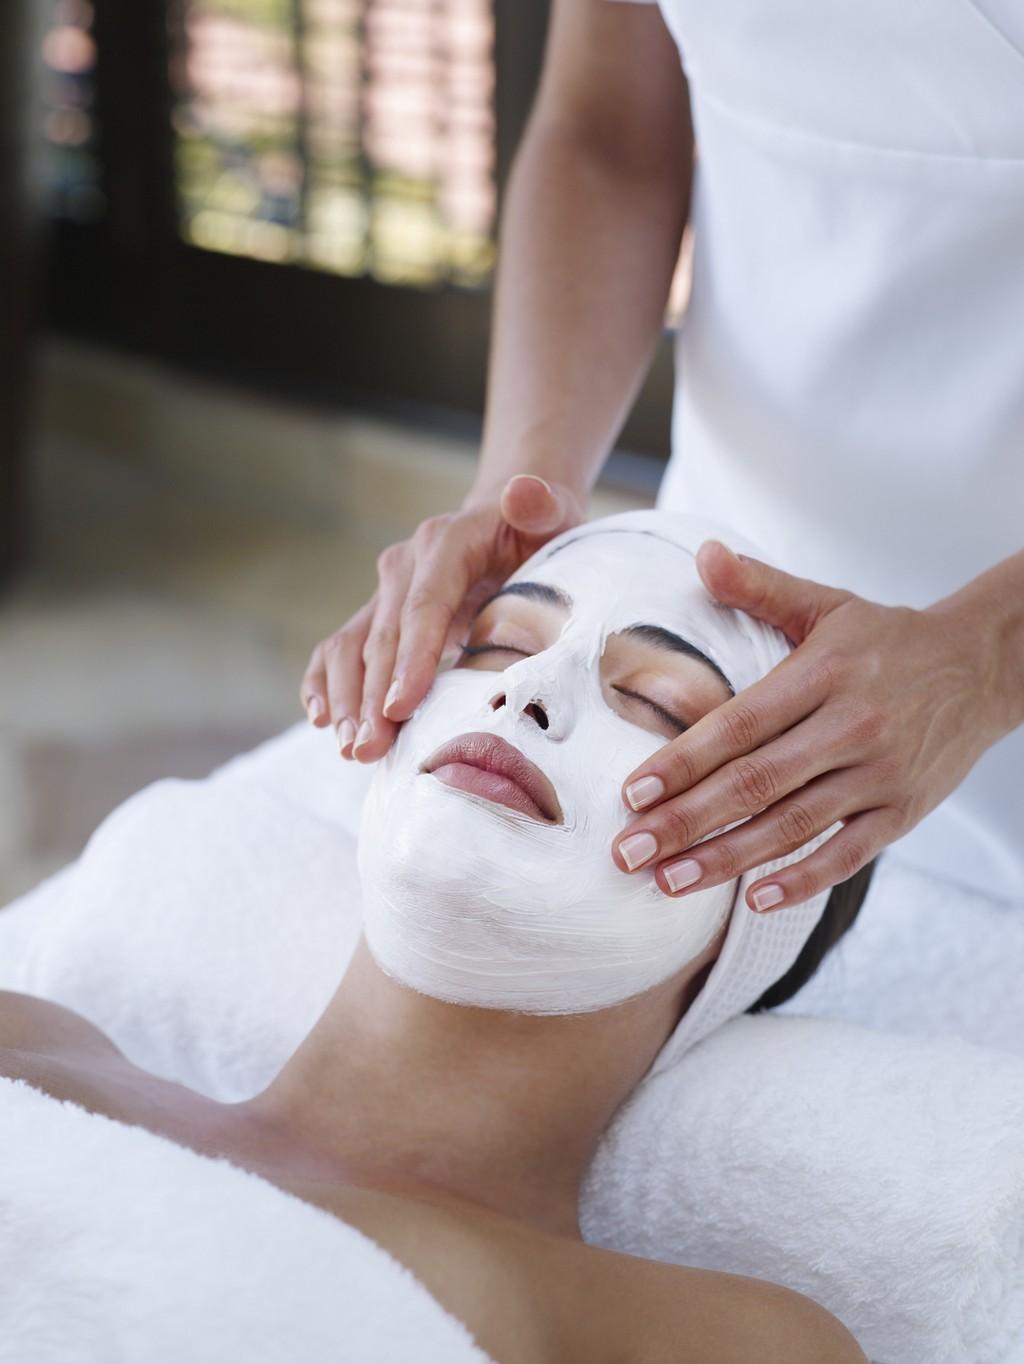 Makeup, Hudpleie, Hårpleie, kroppspleie ,, Health Spa og Velvære